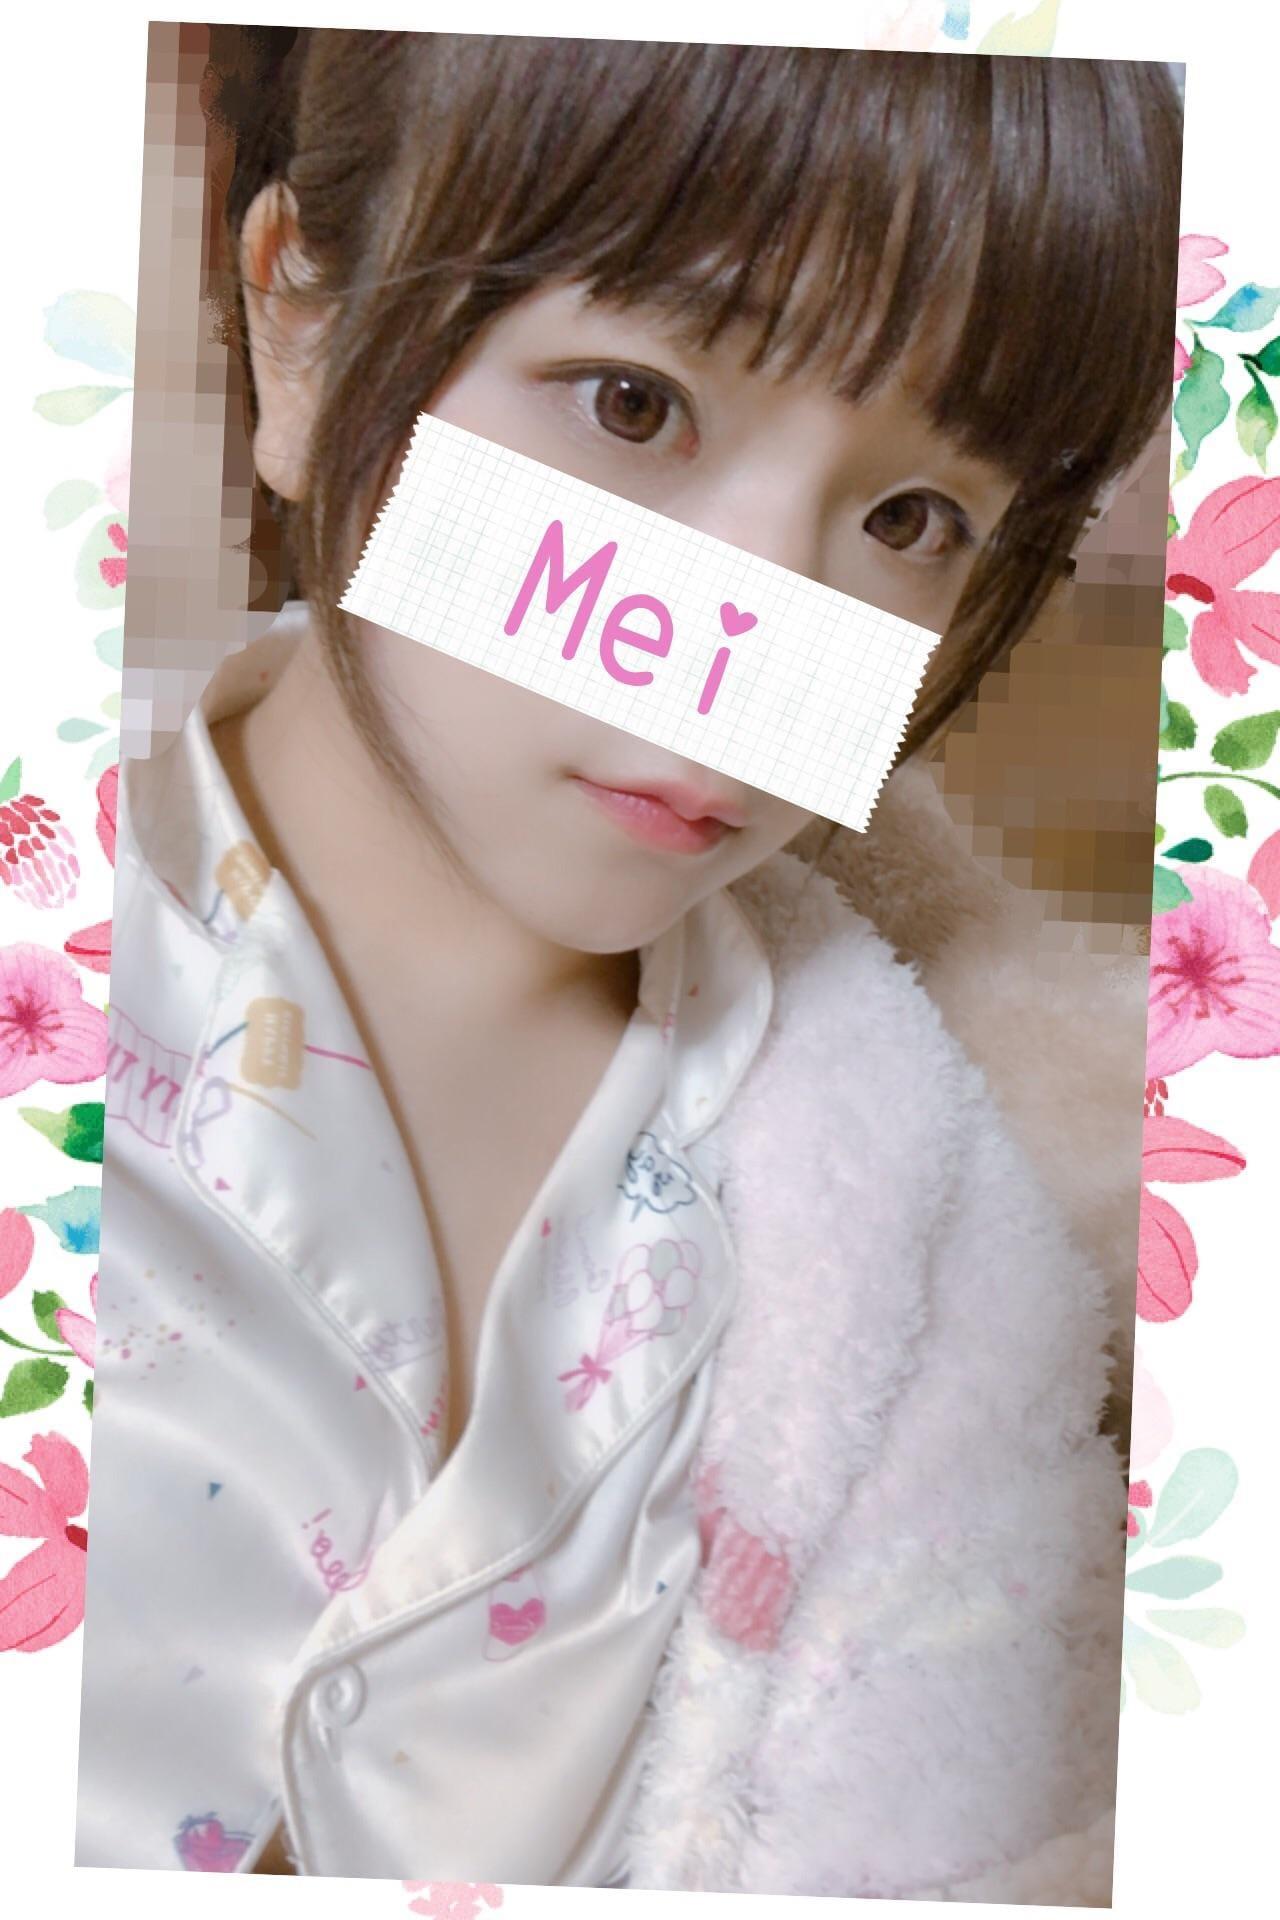 「やっはろ〜⊂( *・ω・ )⊃」01/07(月) 13:38 | めい☆宇部の写メ・風俗動画